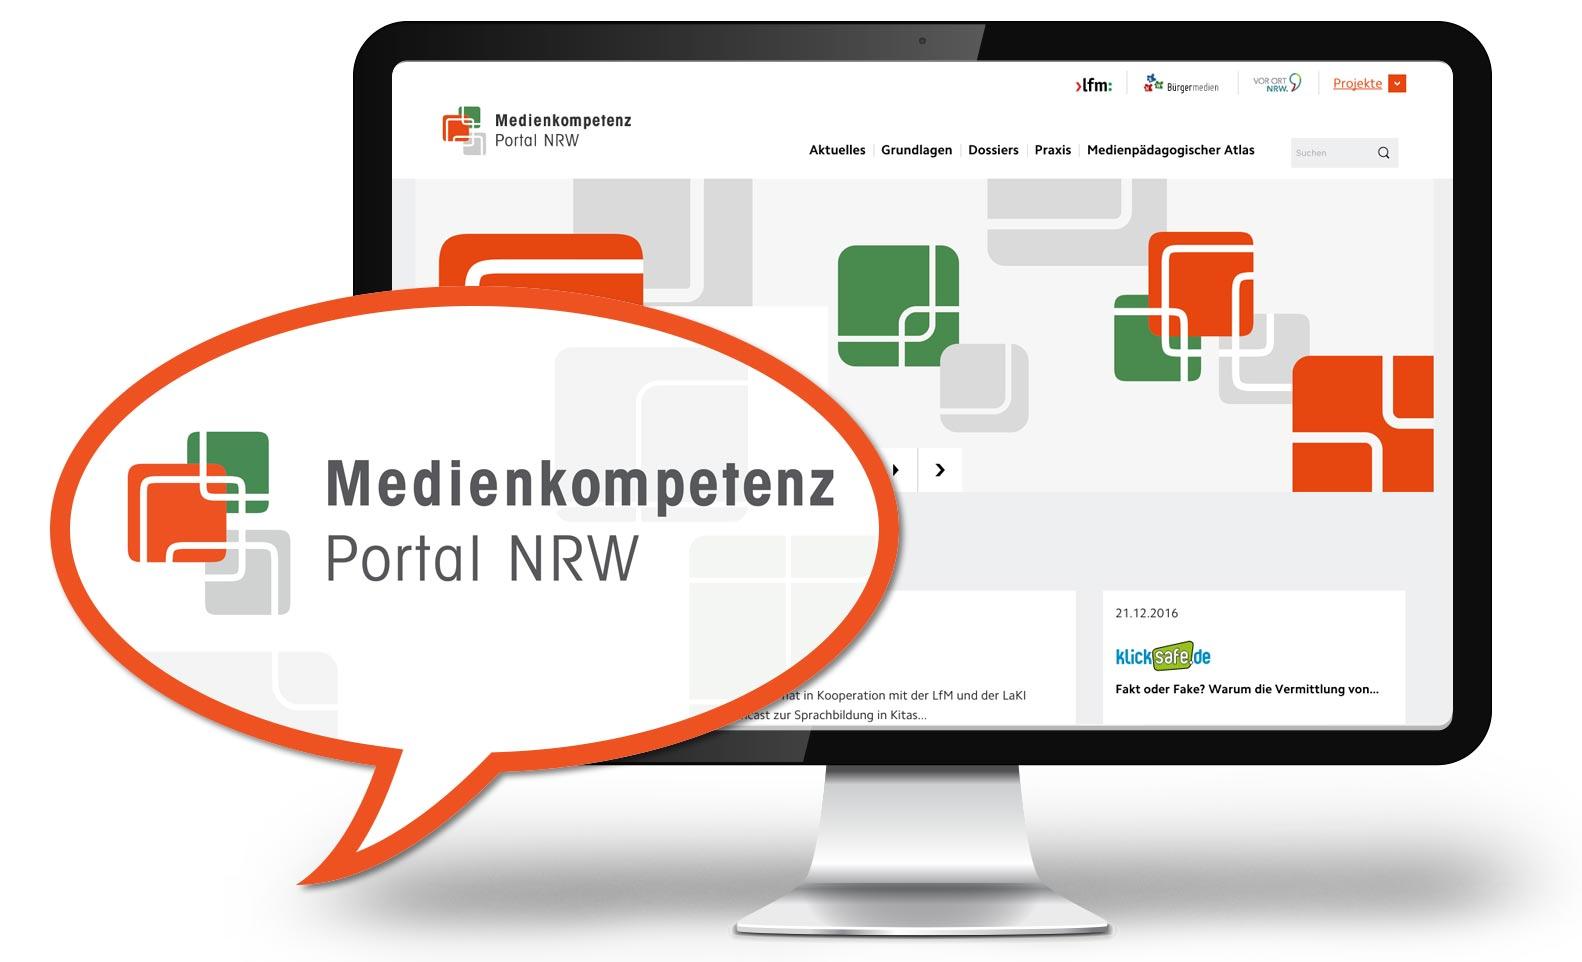 Projektreferenz Medienkompetenz Portal NRW